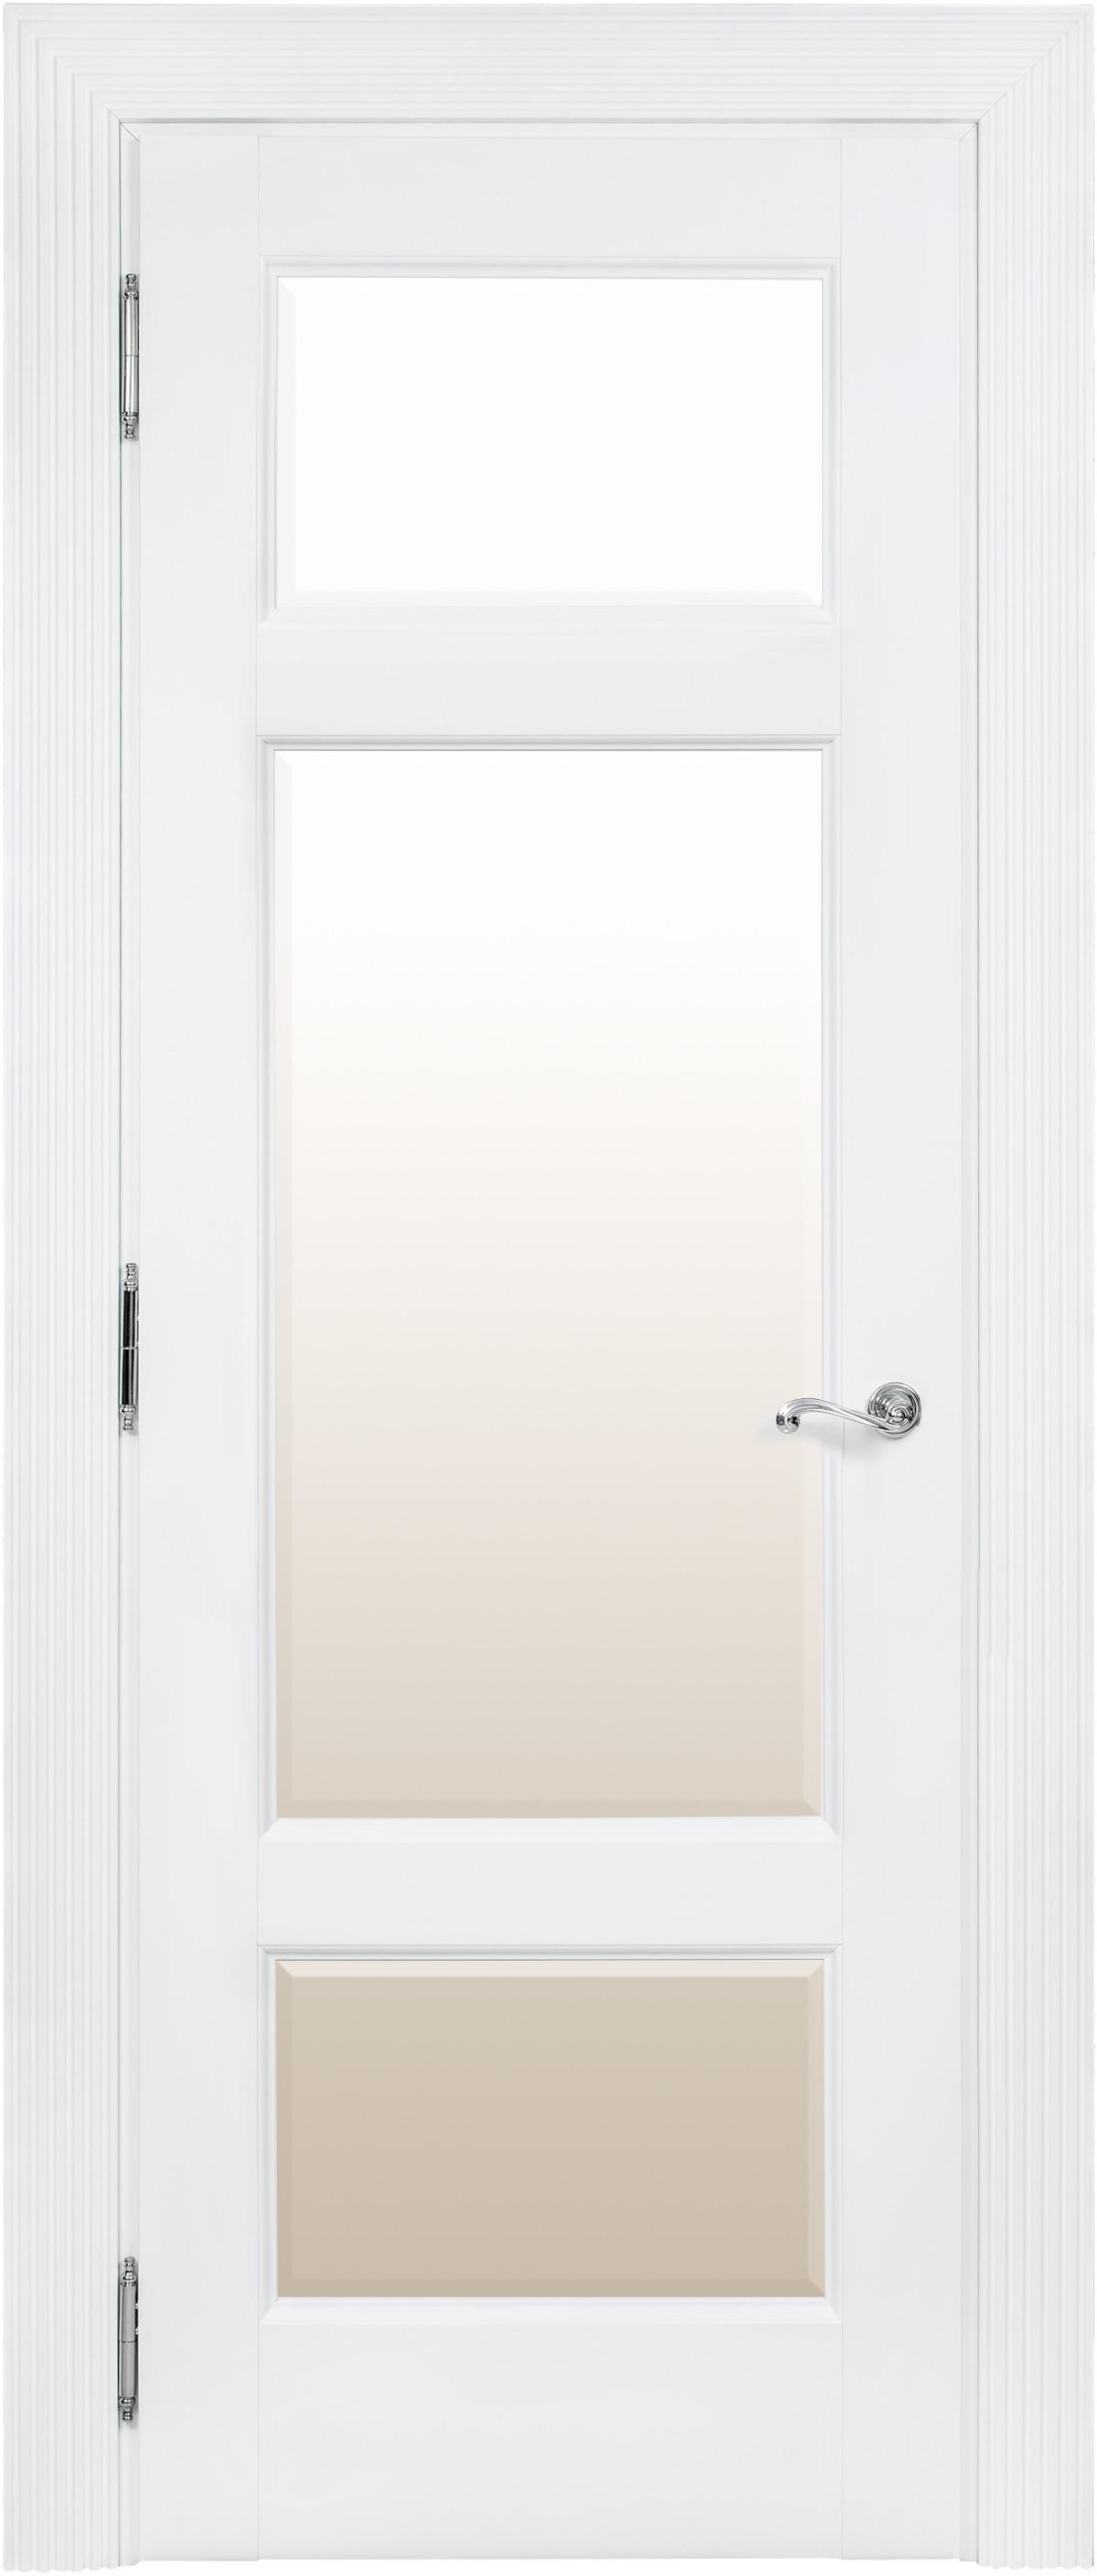 Белая межкомнатная дверь со стеклом Academia 3SnP-3